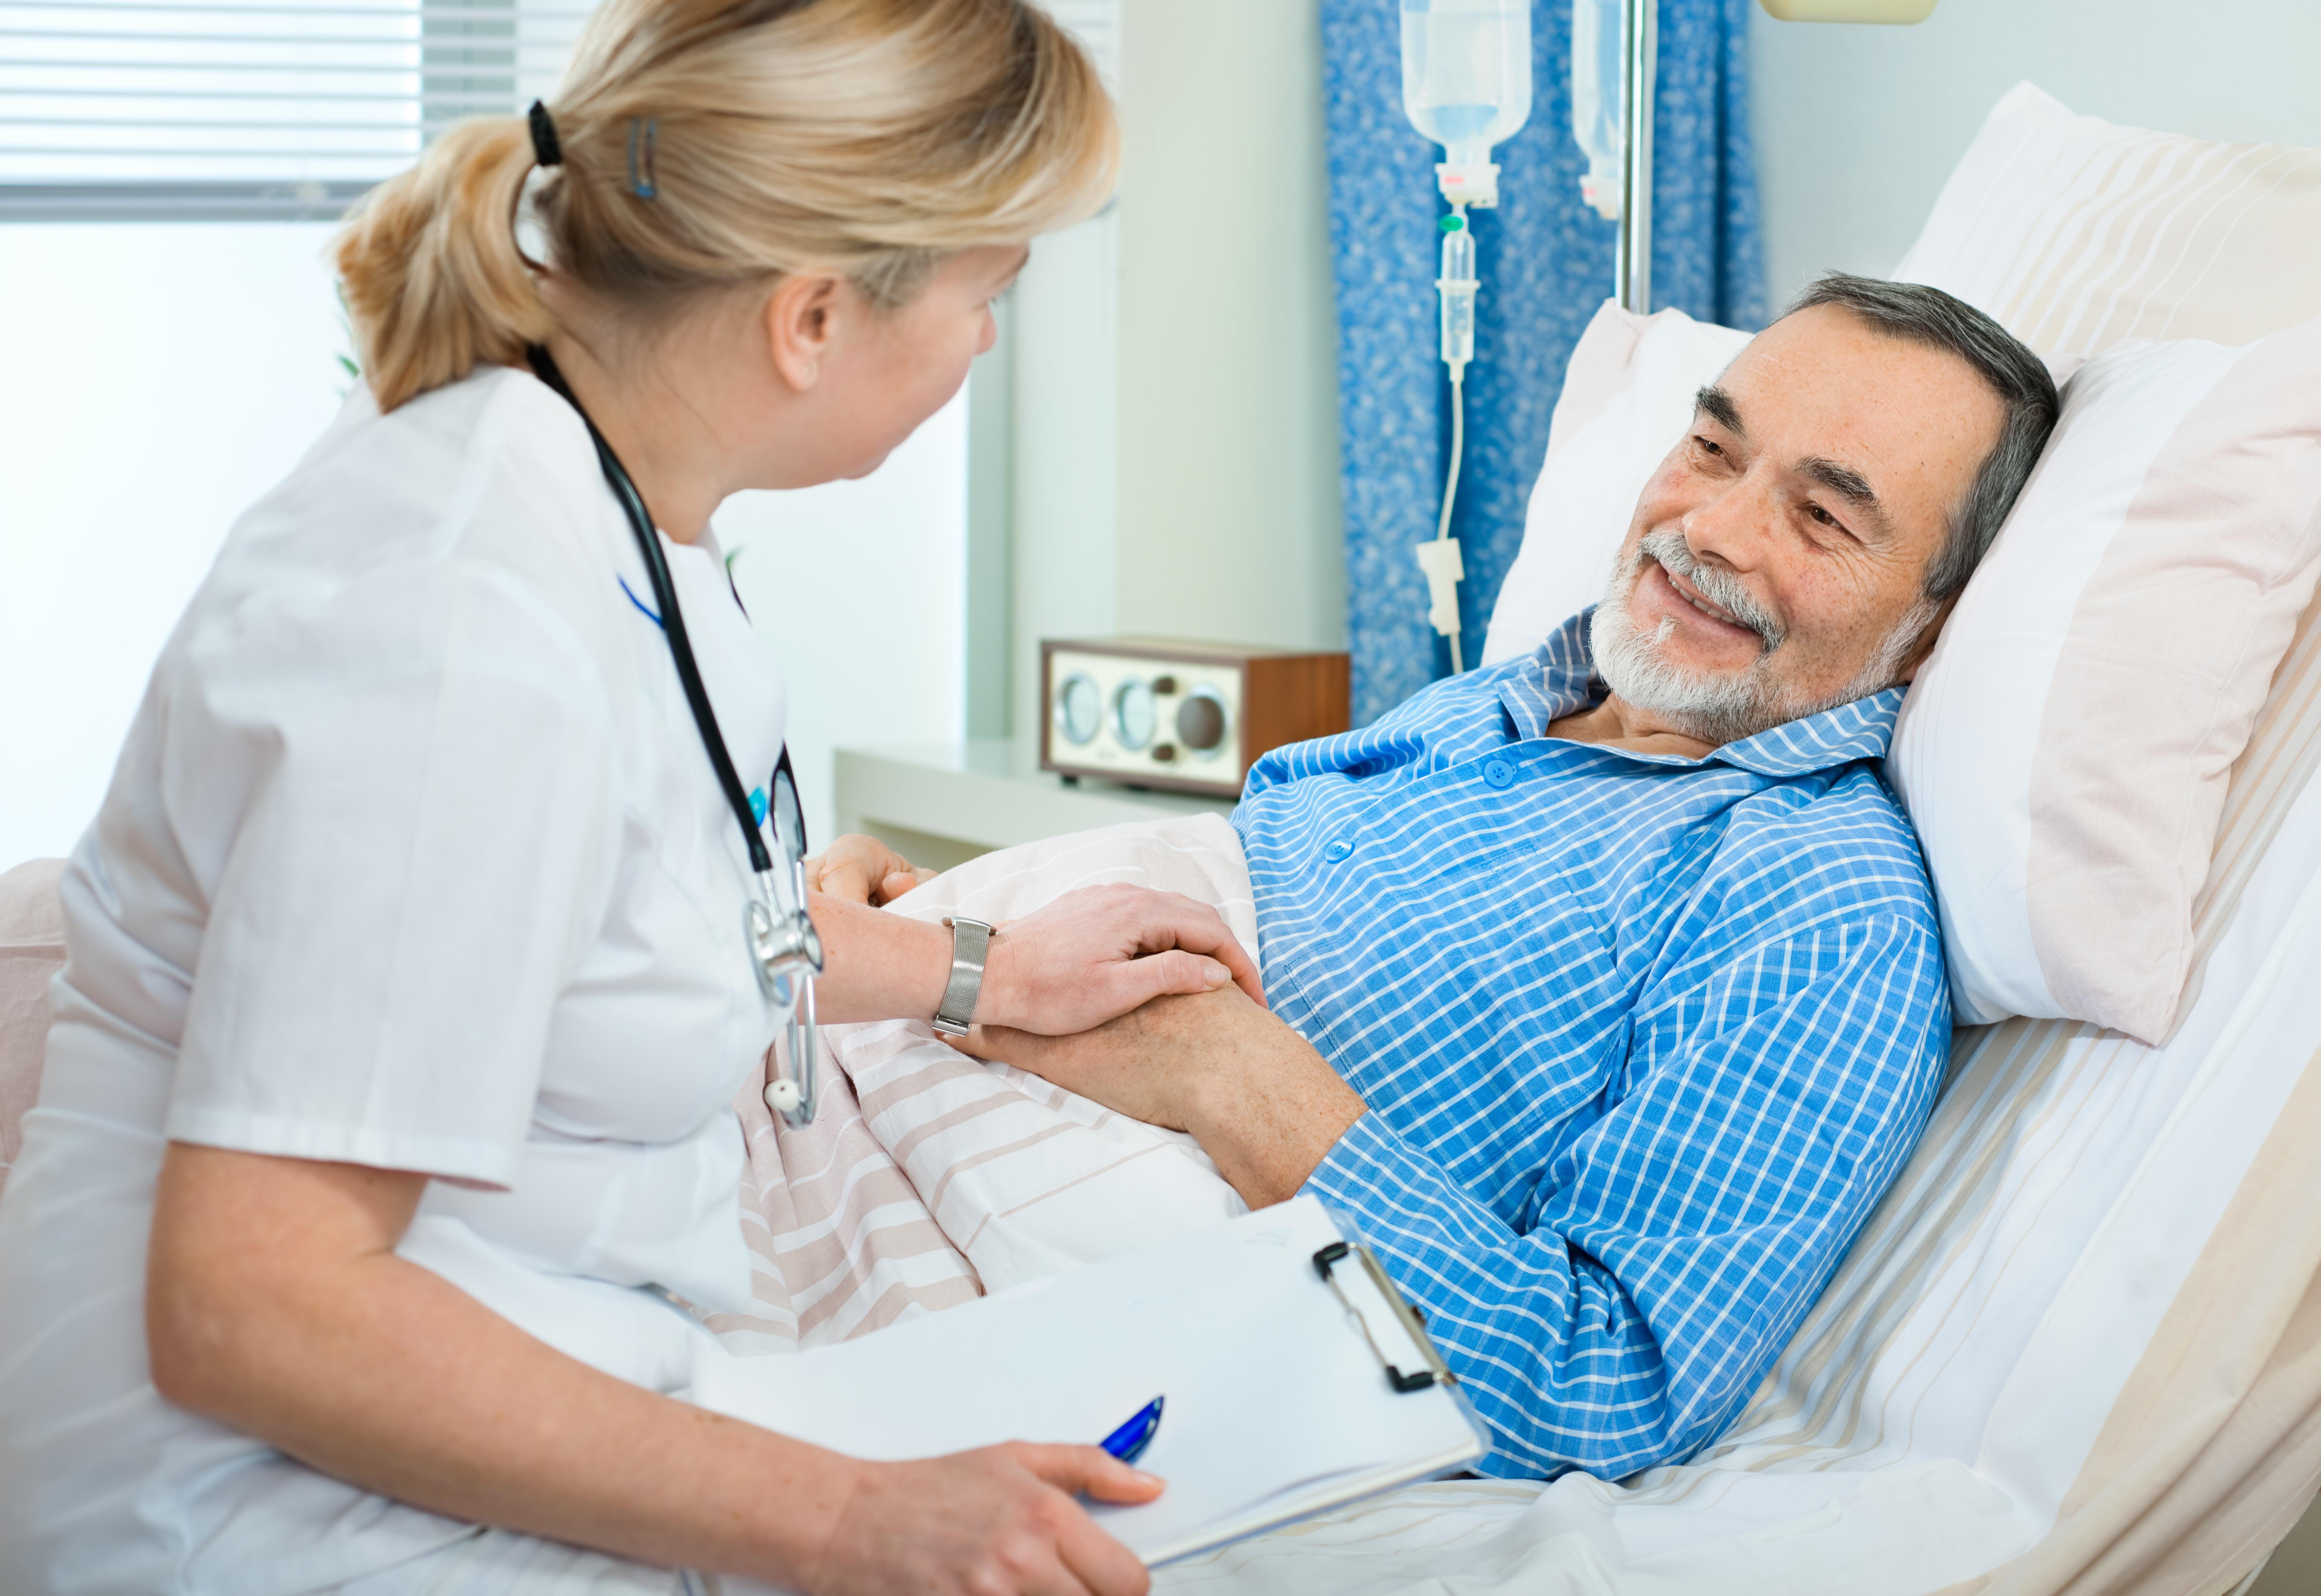 Обниматься целоваться, пациент и медсестра картинки